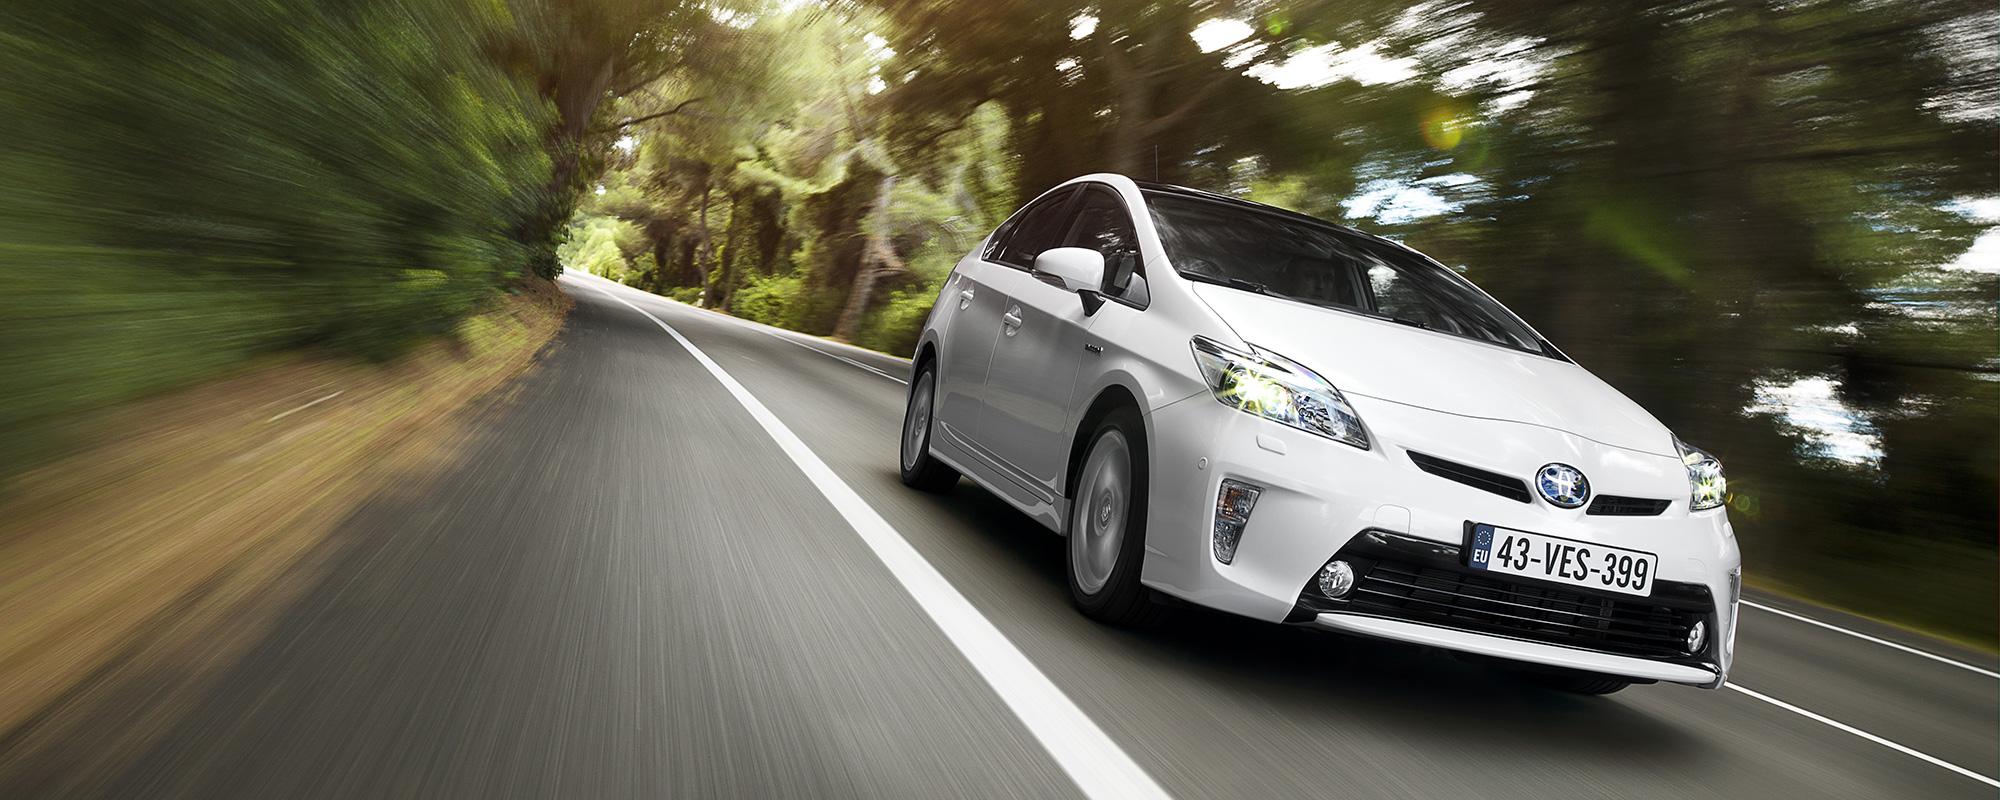 Toyota dominant in ANWB-onderzoek naar zuinige occasions in de praktijk